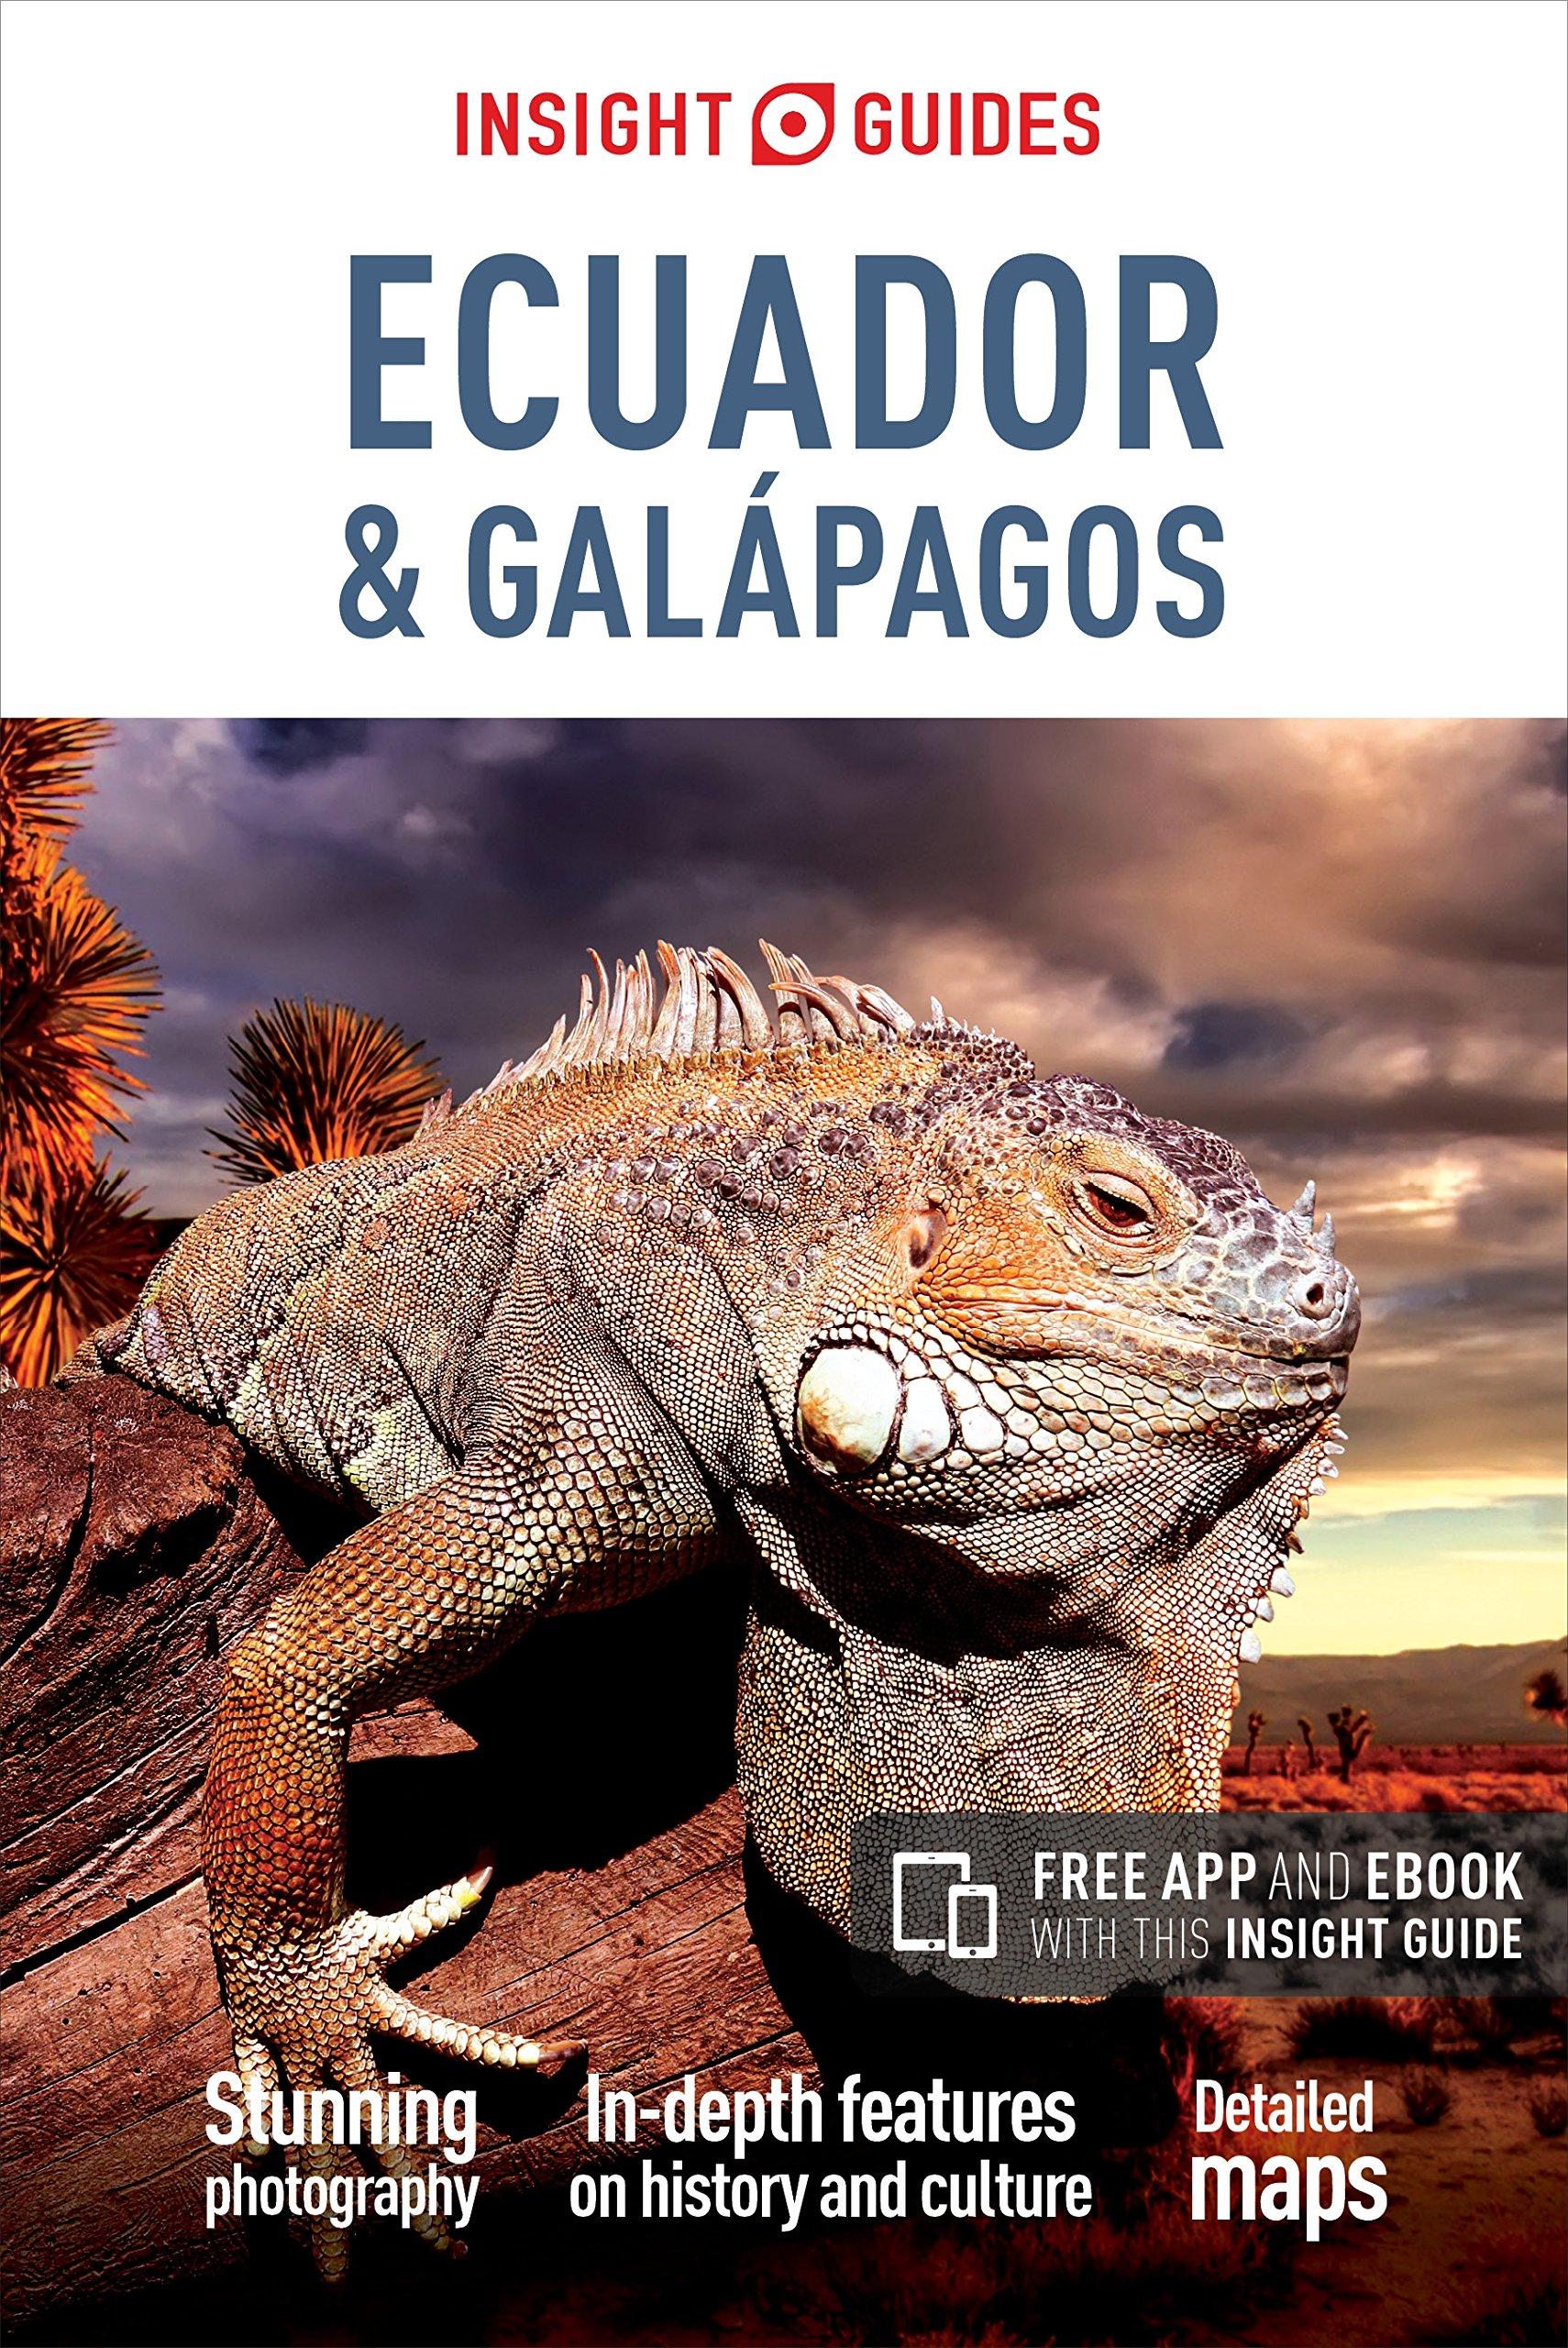 Galapagos islands game